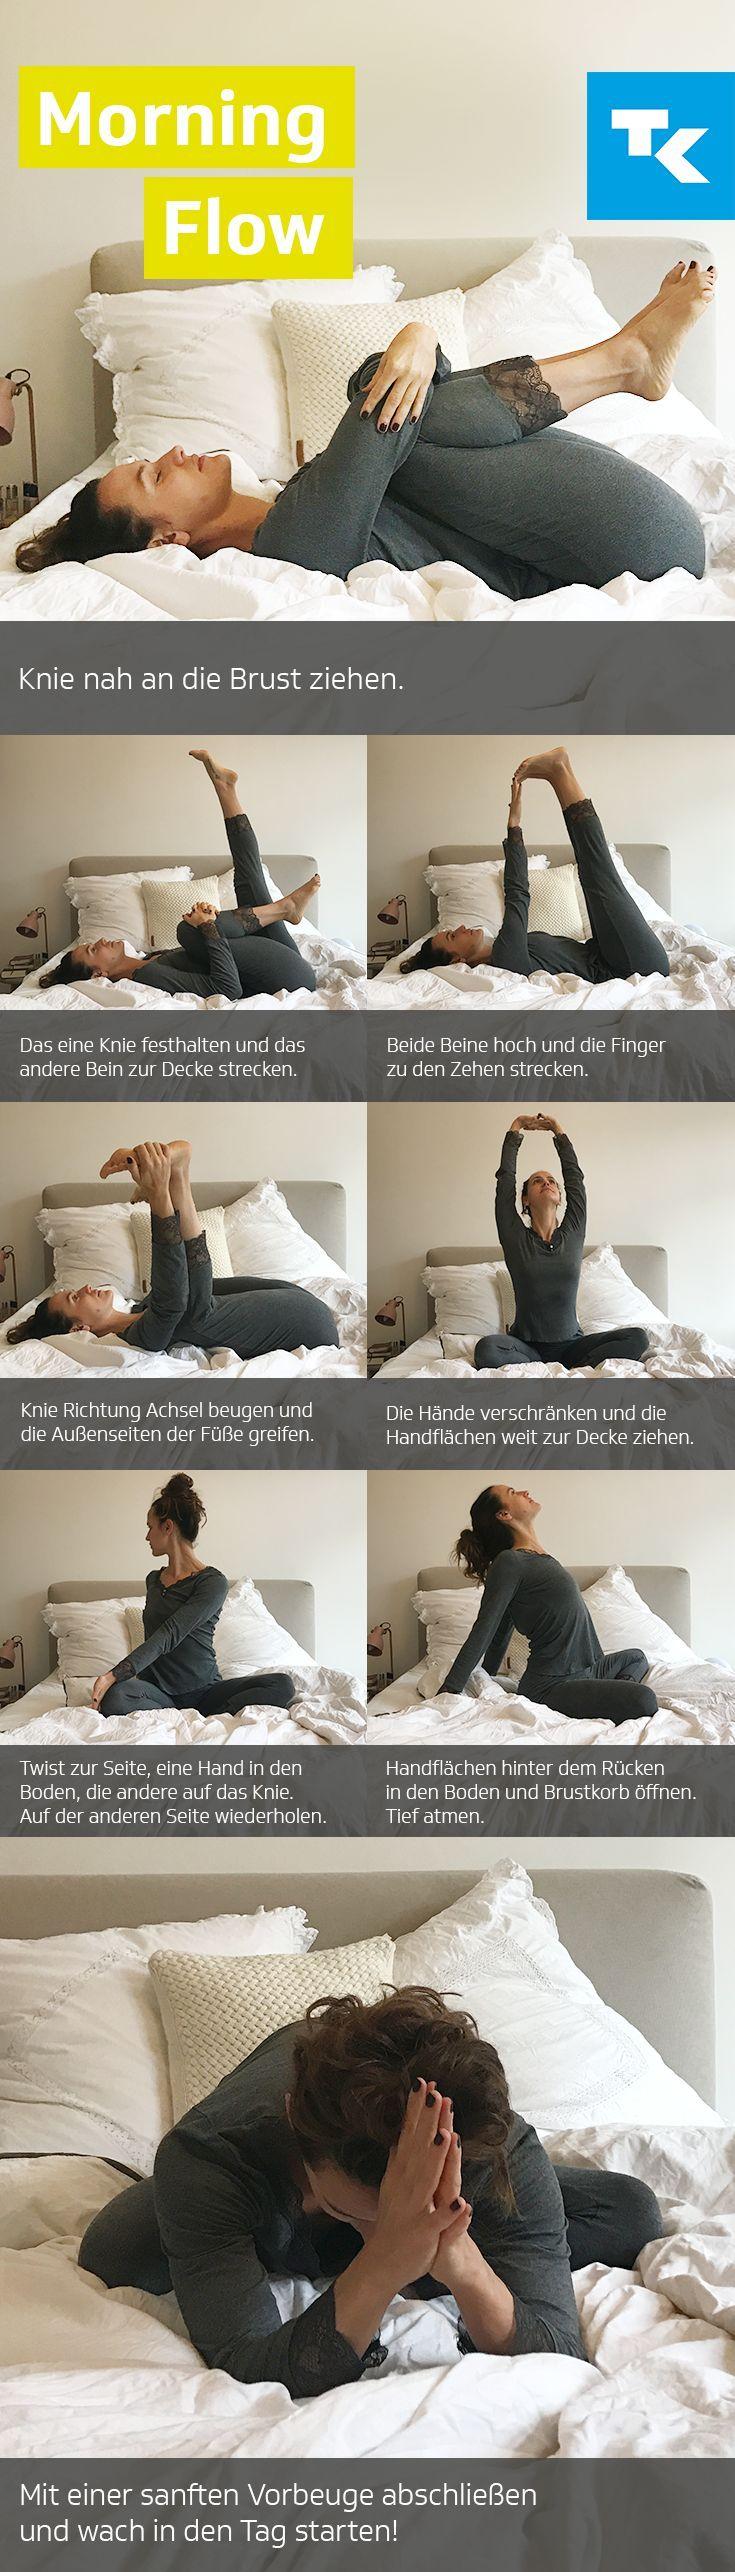 #Yoga in #Bett? Entspannter als mit unserem #MorningFlow kann ein Tag tatsächlich sein